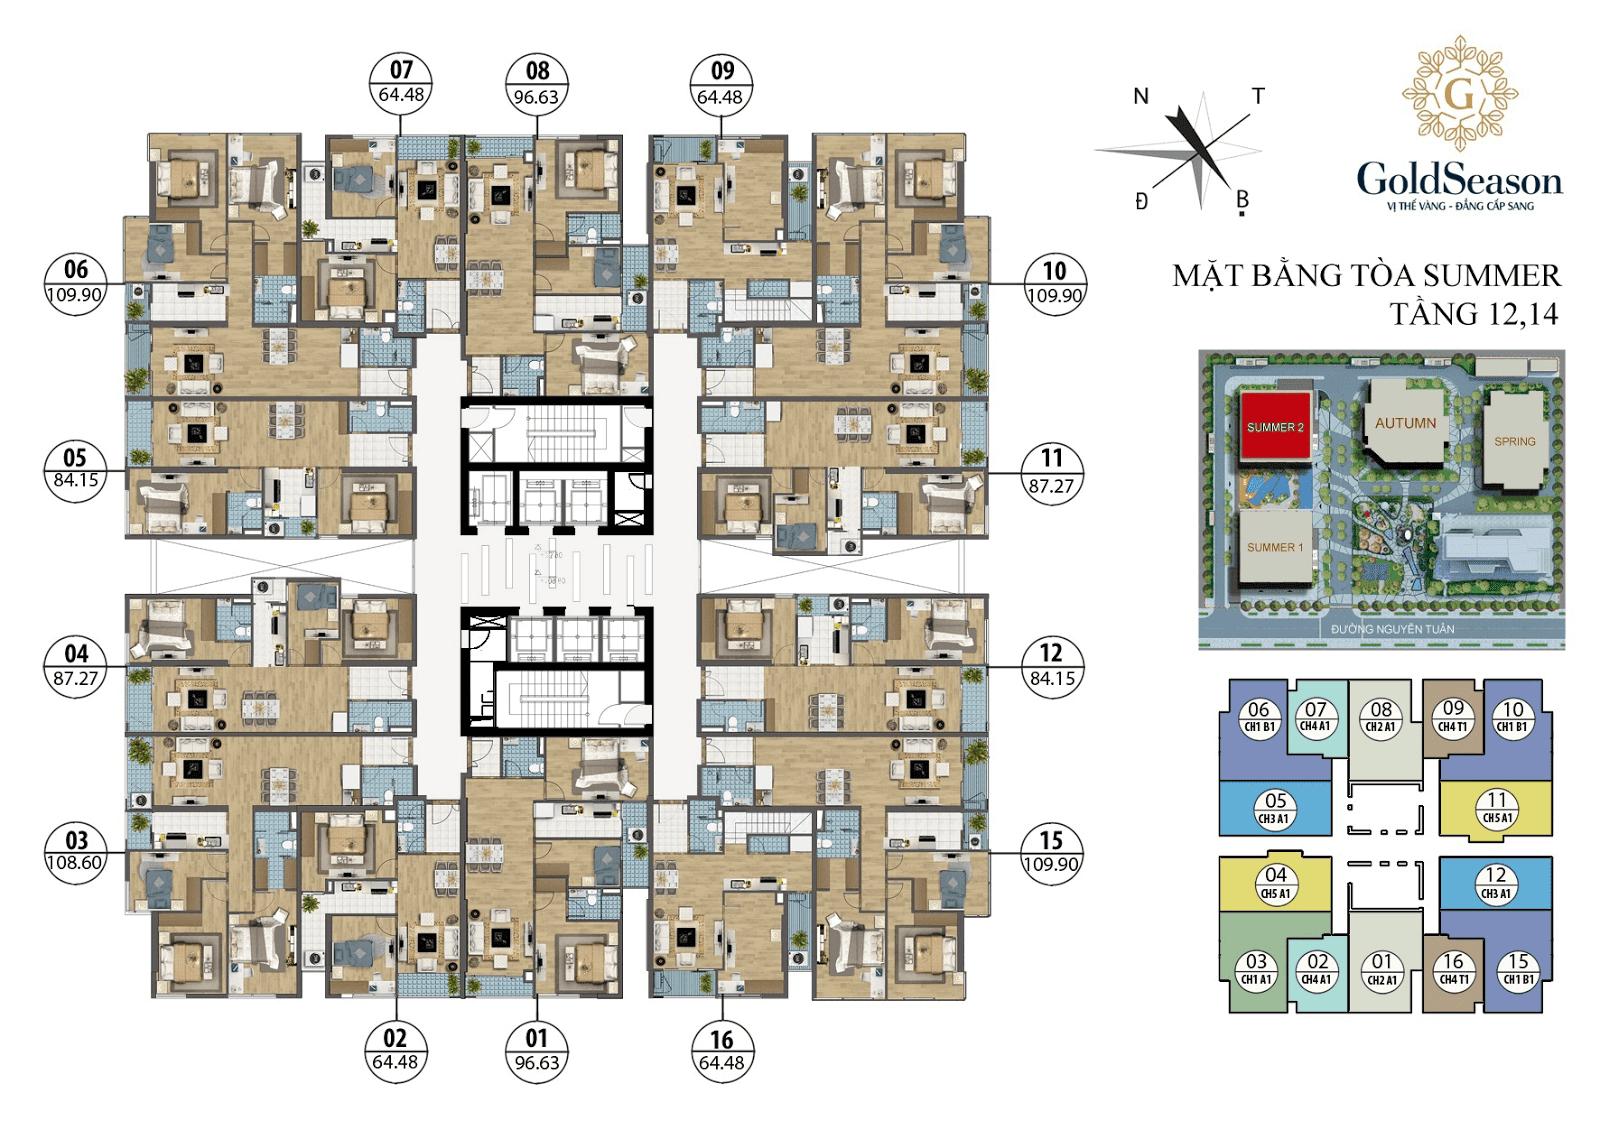 Mặt bằng điển hình tầng chẵn tòa Summer 2 - GoldSeason